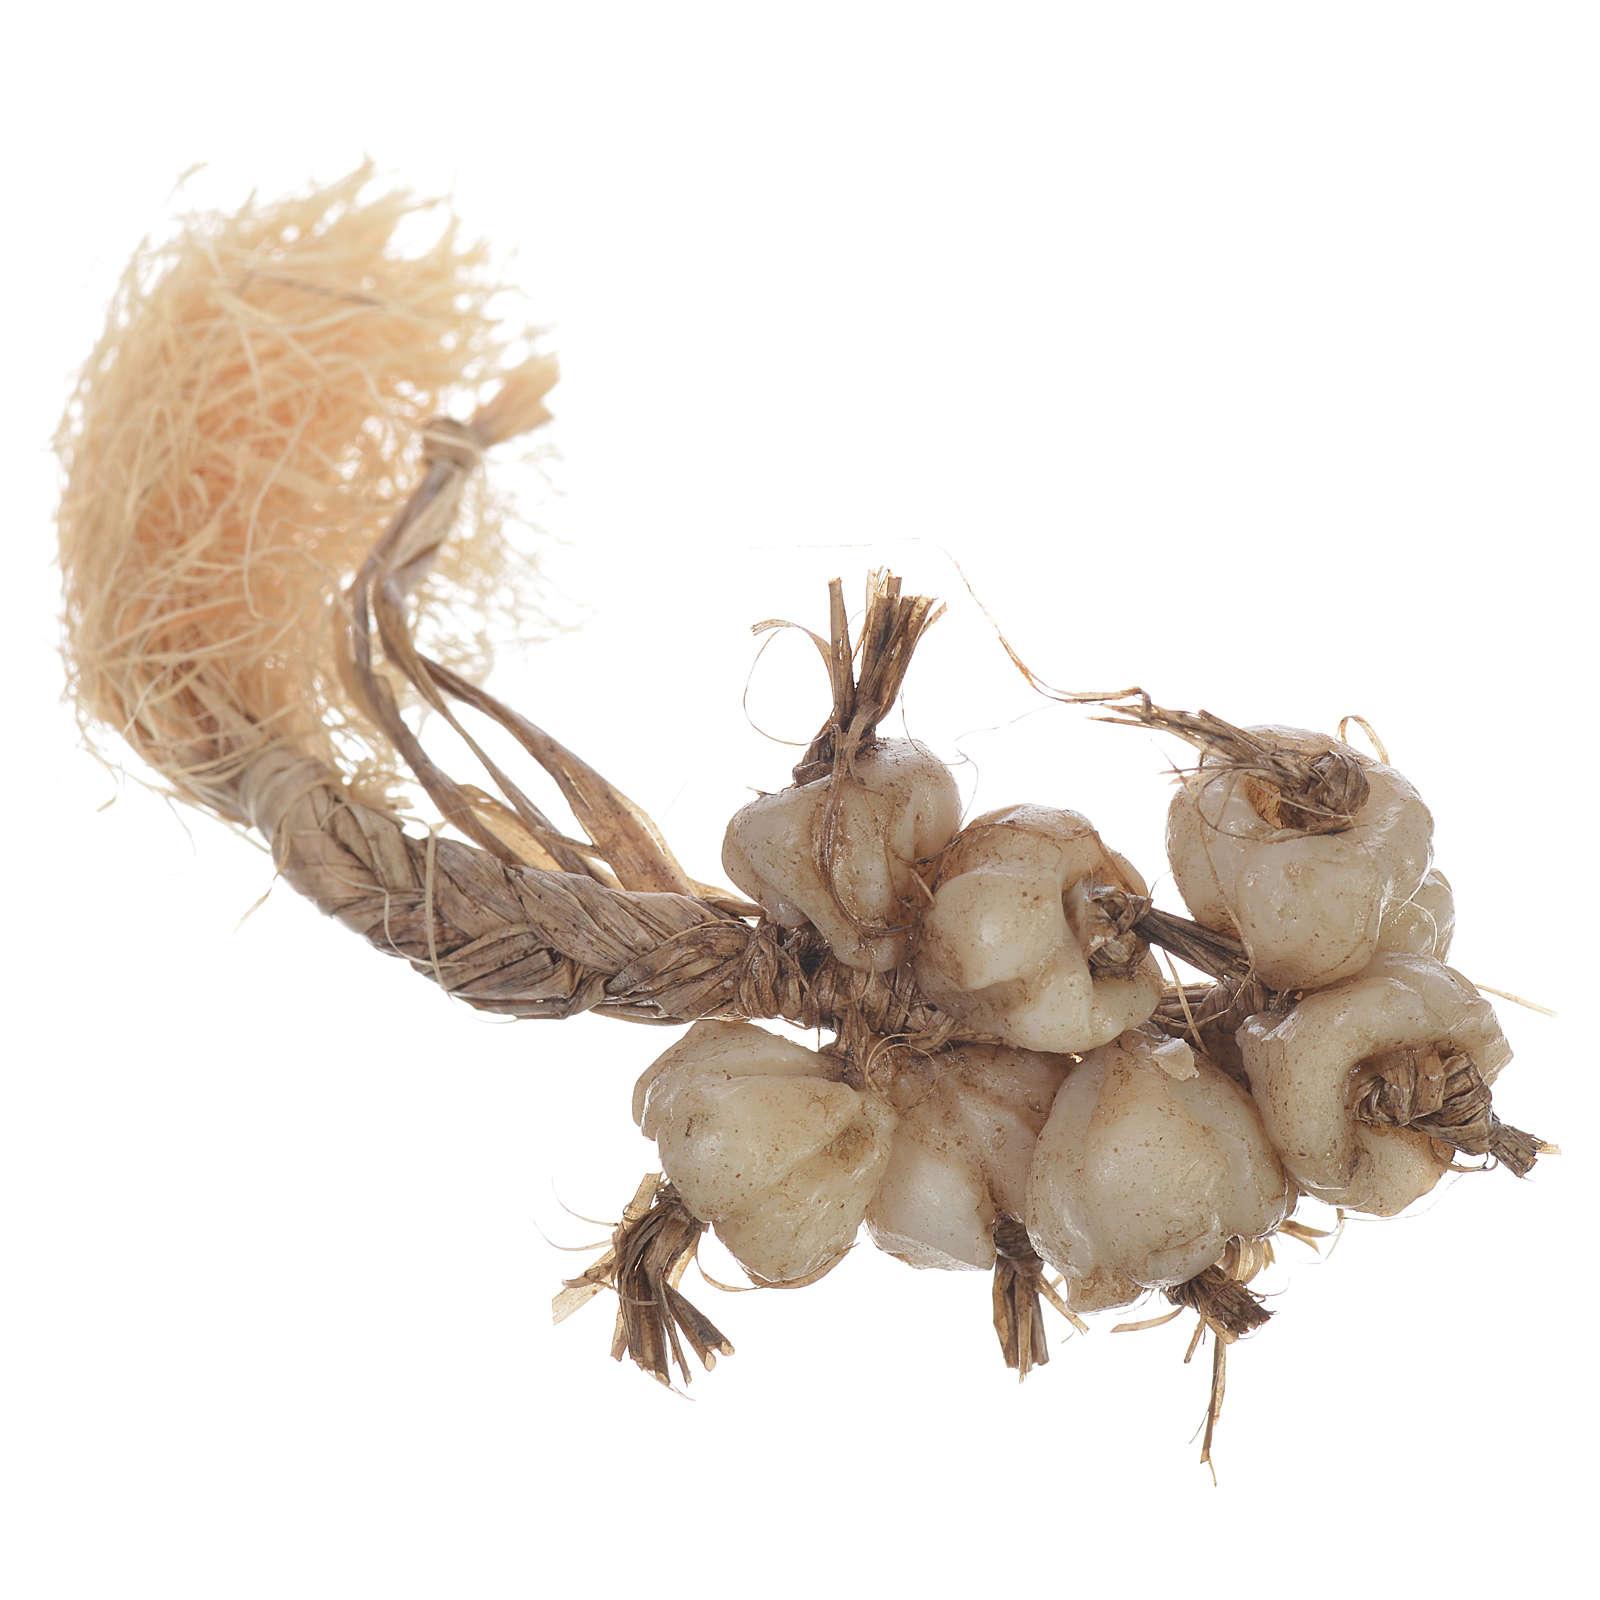 Trenza de ajo cera pesebre 20-24 cm 4